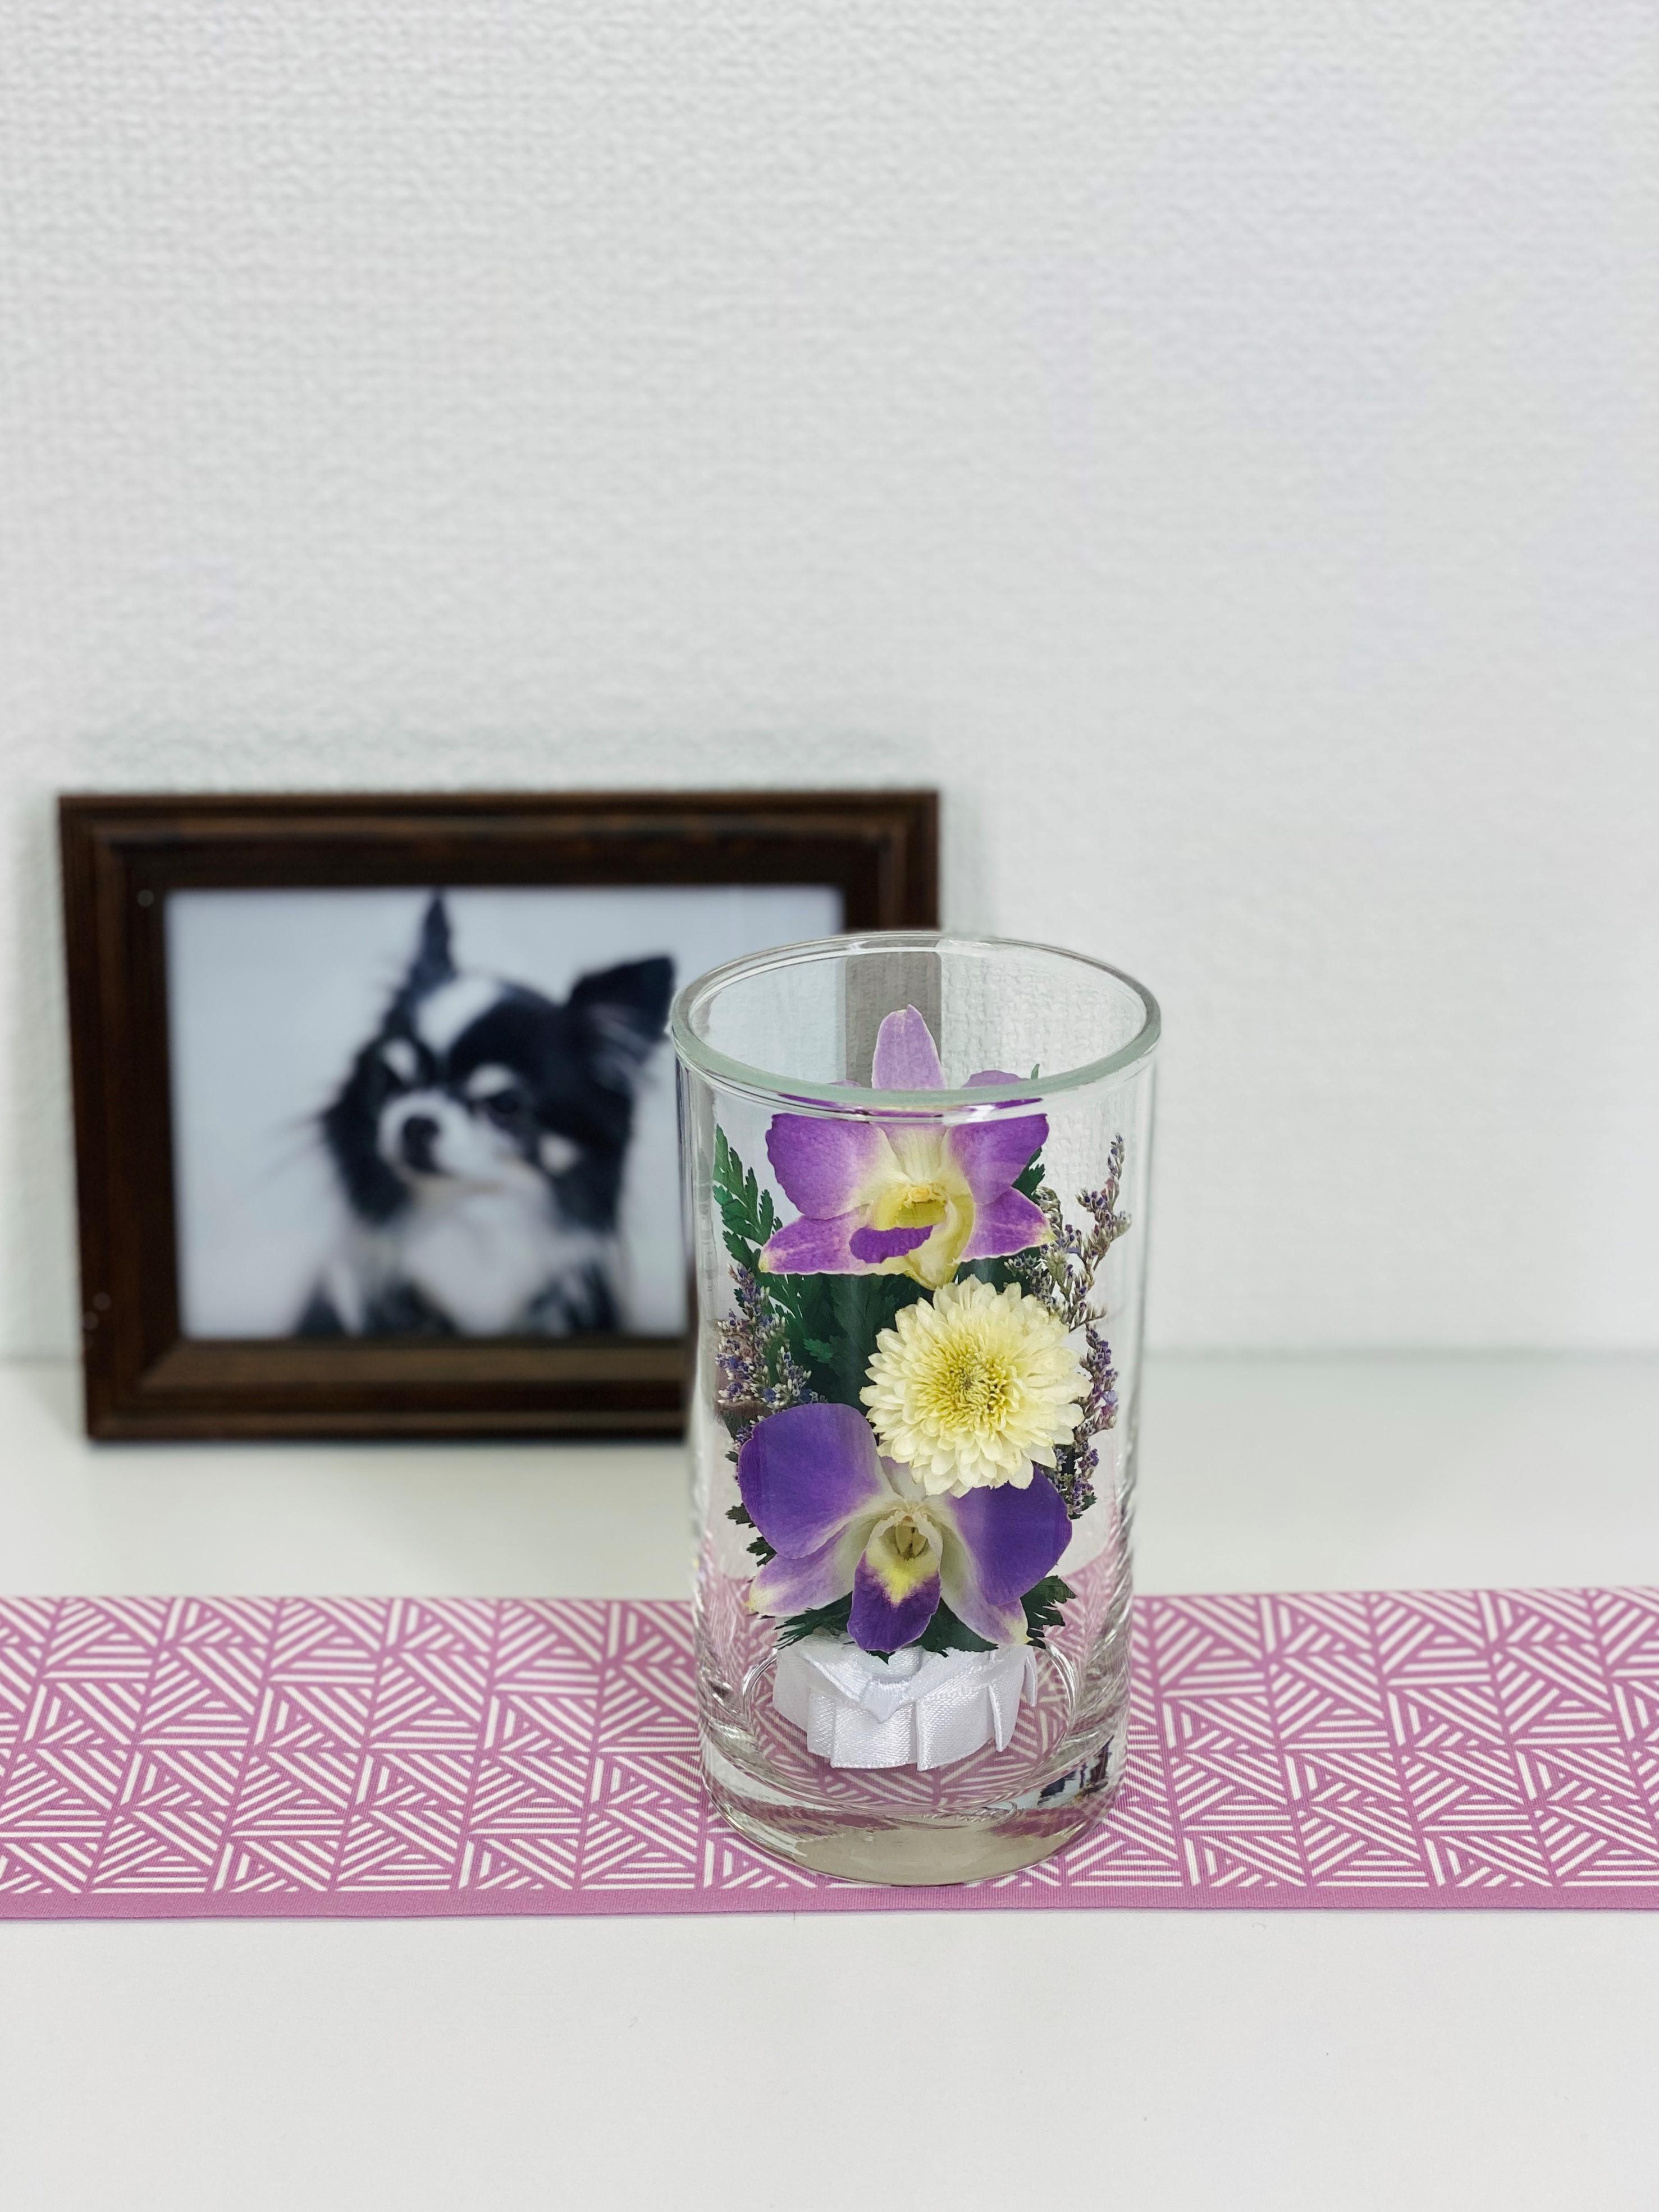 お盆のお供えに 仏花 ドライフラワー 双紫(そうし) 1個 - 3